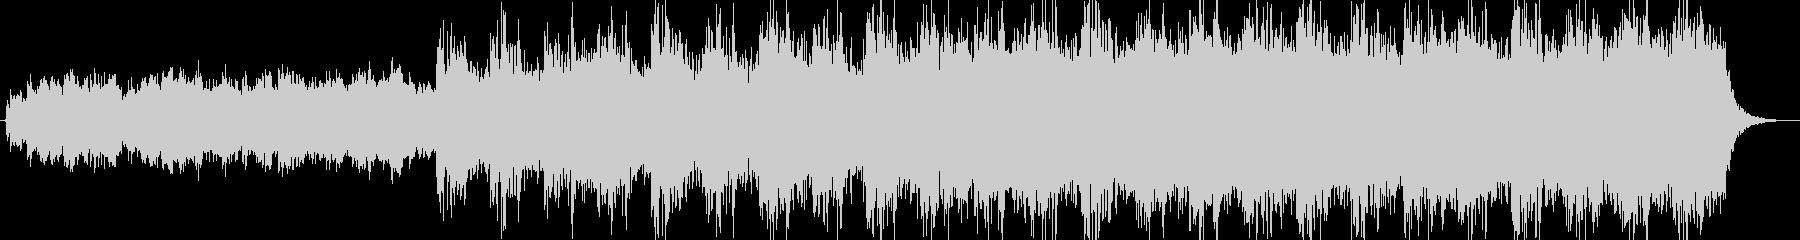 ハリウッド風ホラー映画オーケストラBGMの未再生の波形